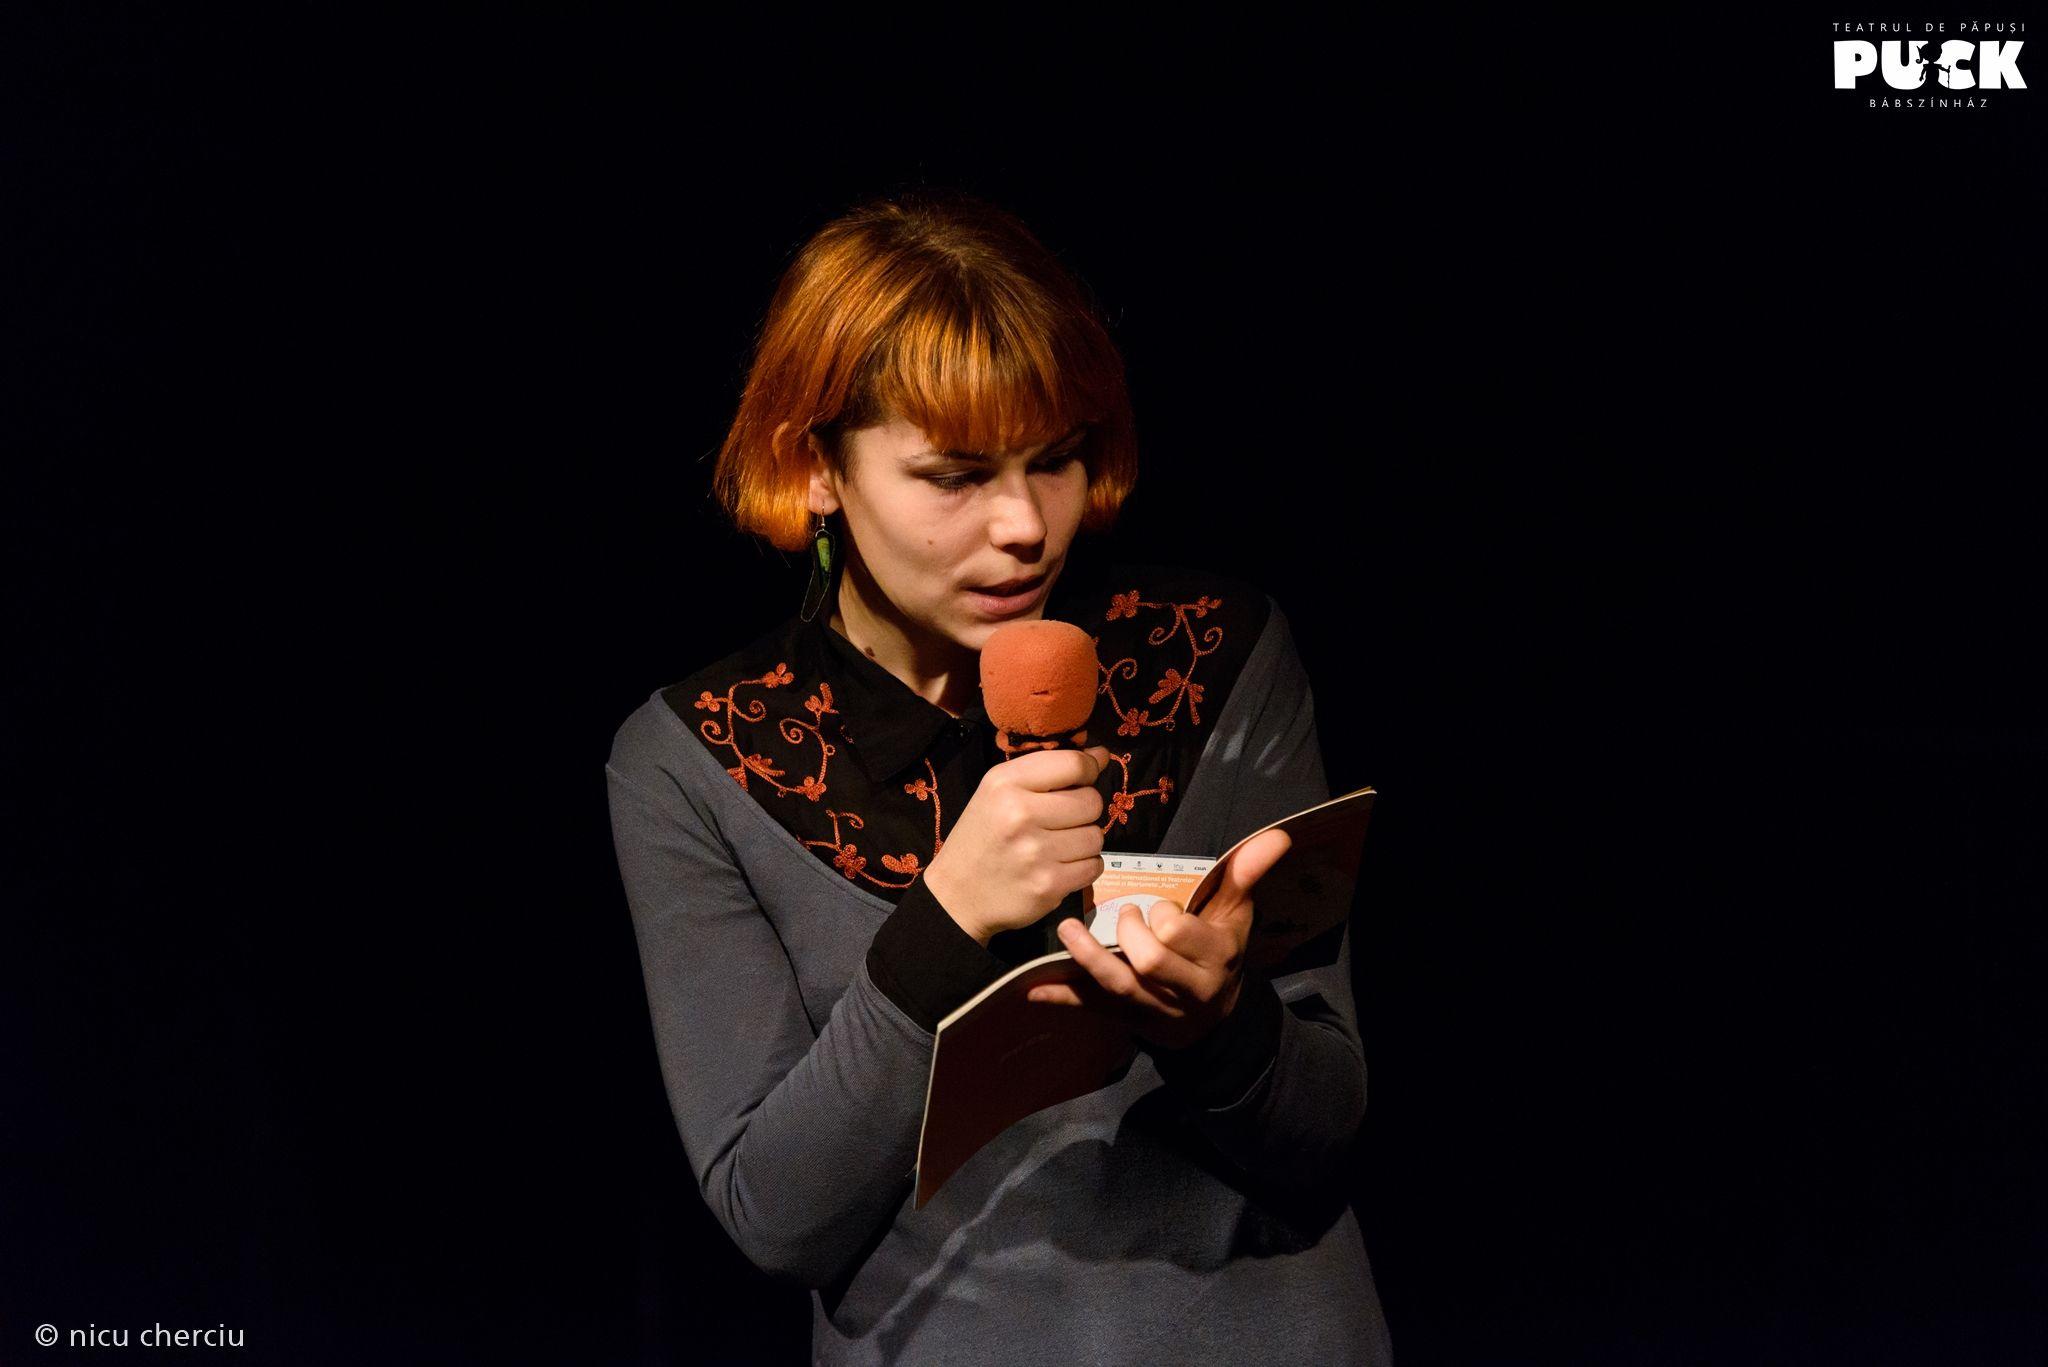 """Actorii Teatrului """"Puck"""" au marcat în școli Ziua Culturii Maghiare"""